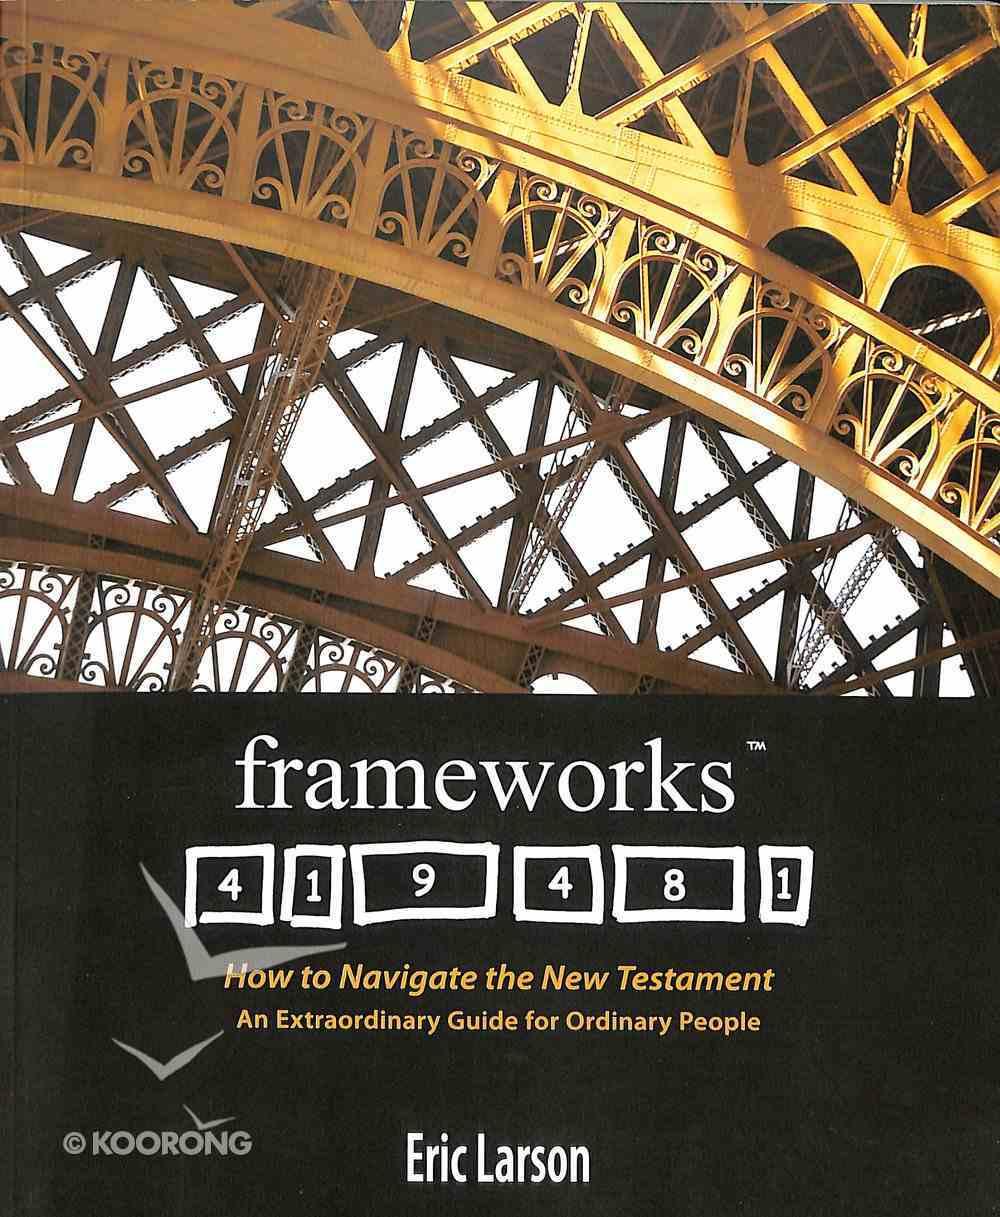 Frameworks Paperback